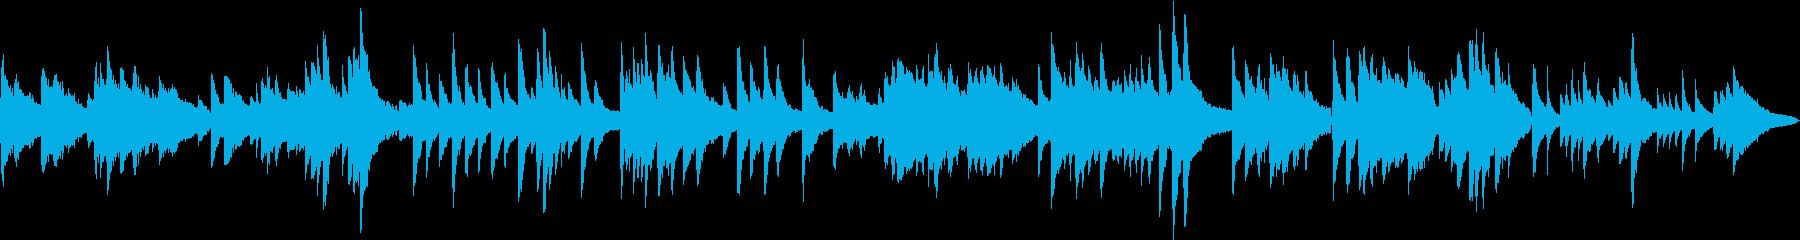 生演奏 暗く重いピアノ曲の再生済みの波形